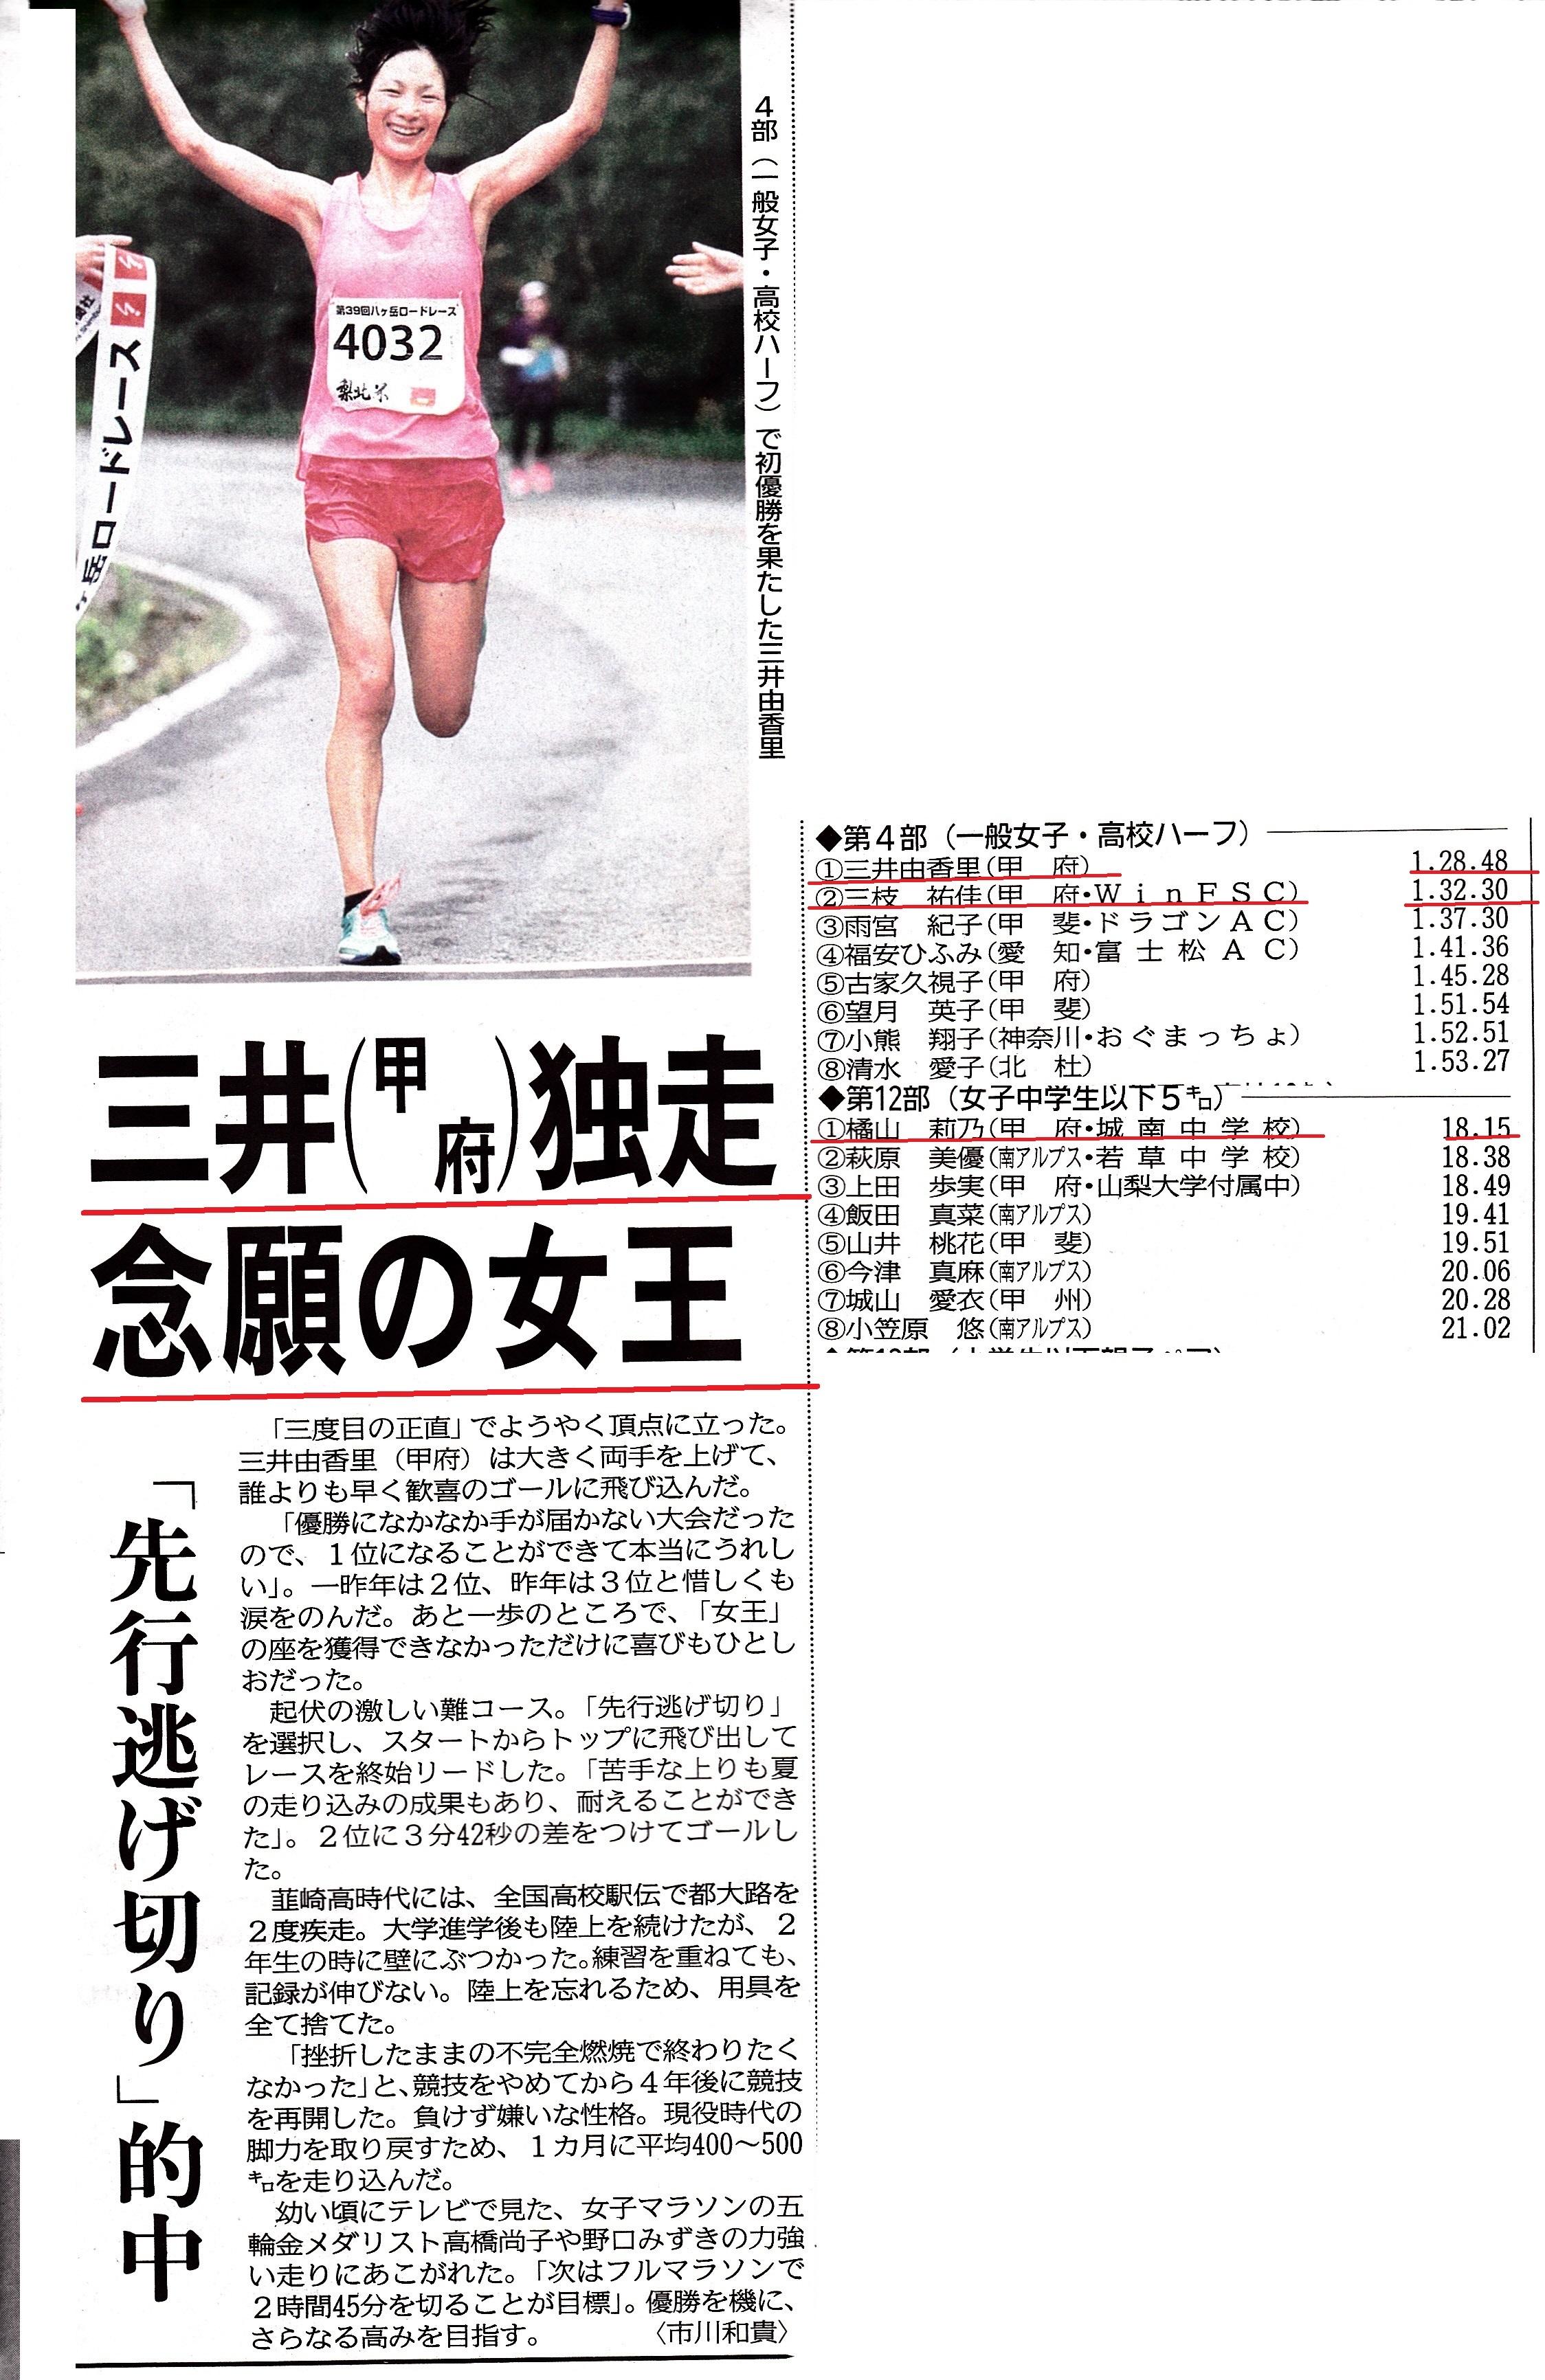 浅川鍼灸整骨院 八ヶ岳ロードレース 優勝